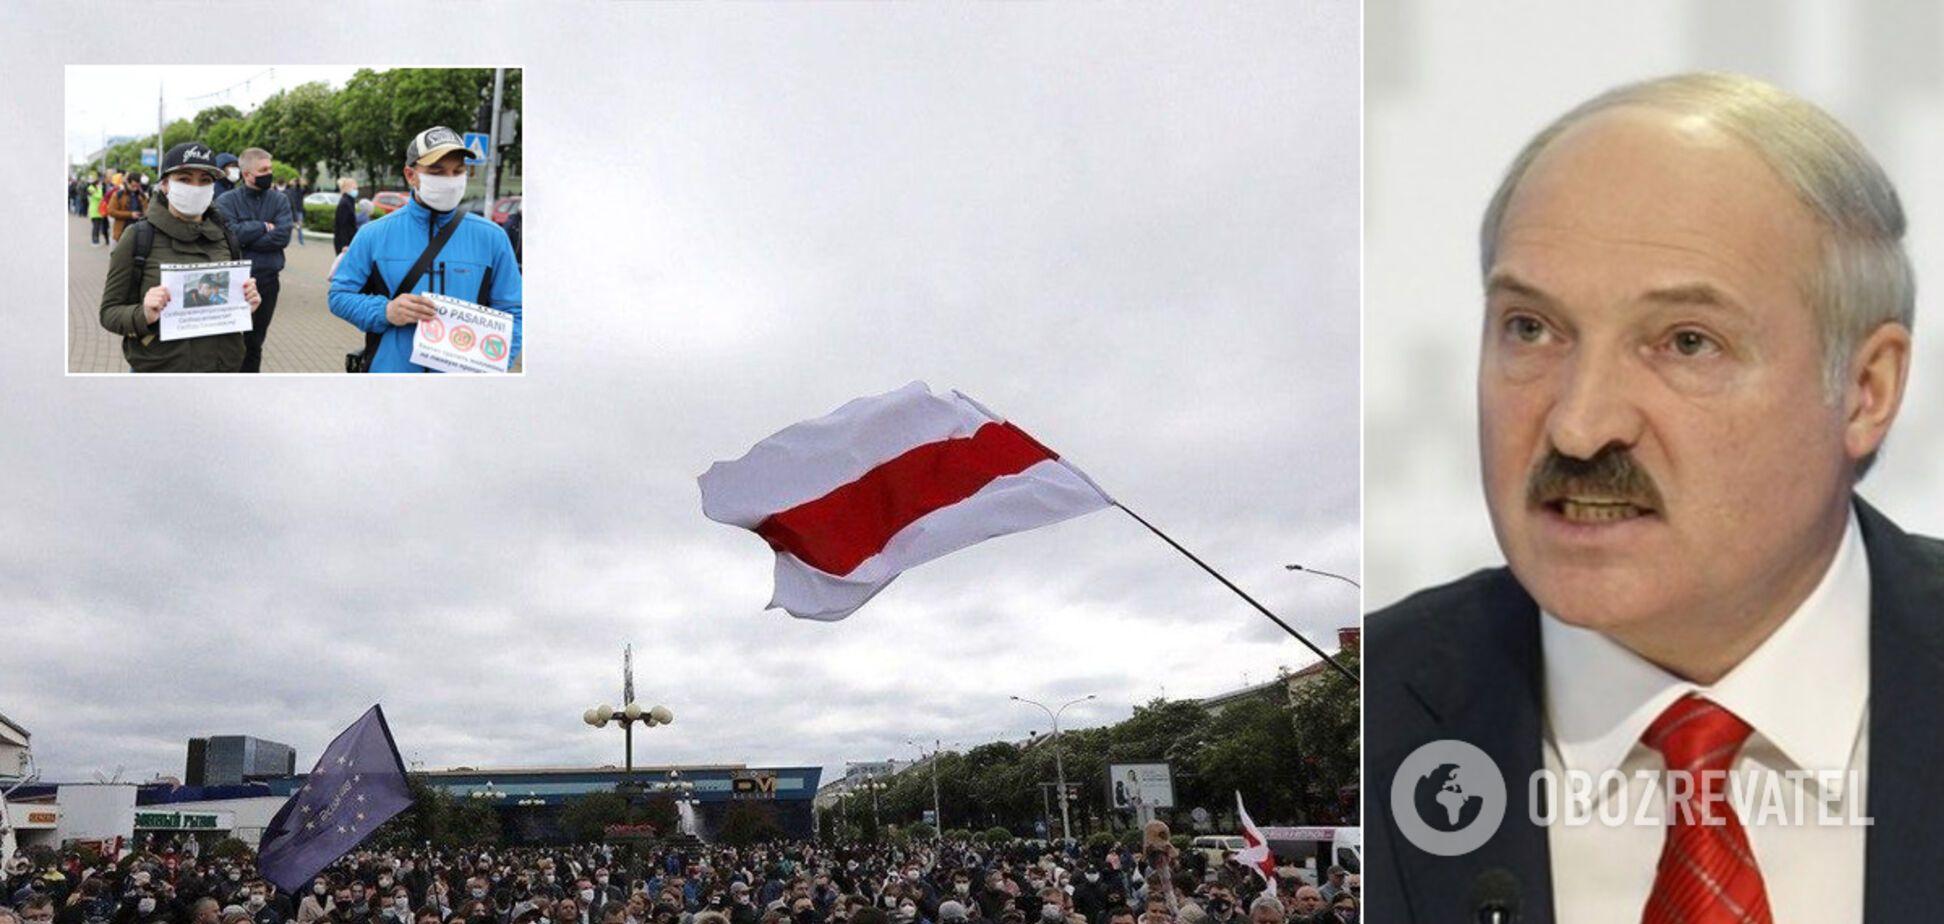 Мінськ охопили масштабні акції протесту через вибори. Фото і відео